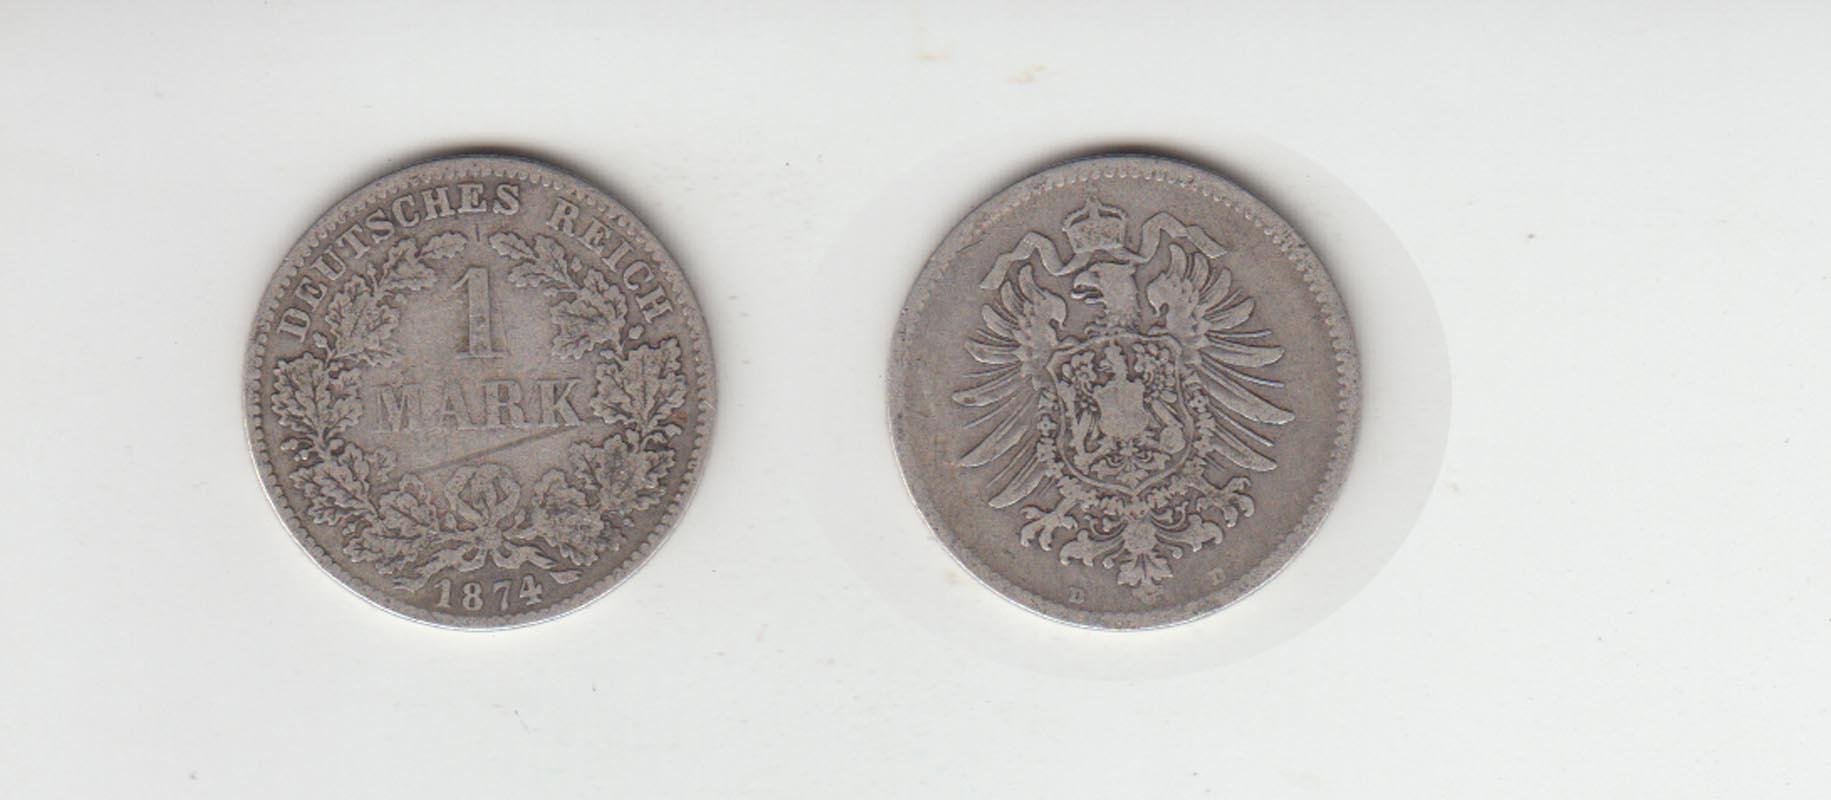 Silbermünze Kaiserreich 1 Mark 1874 D Jäger Nr 9 117 Philastudio